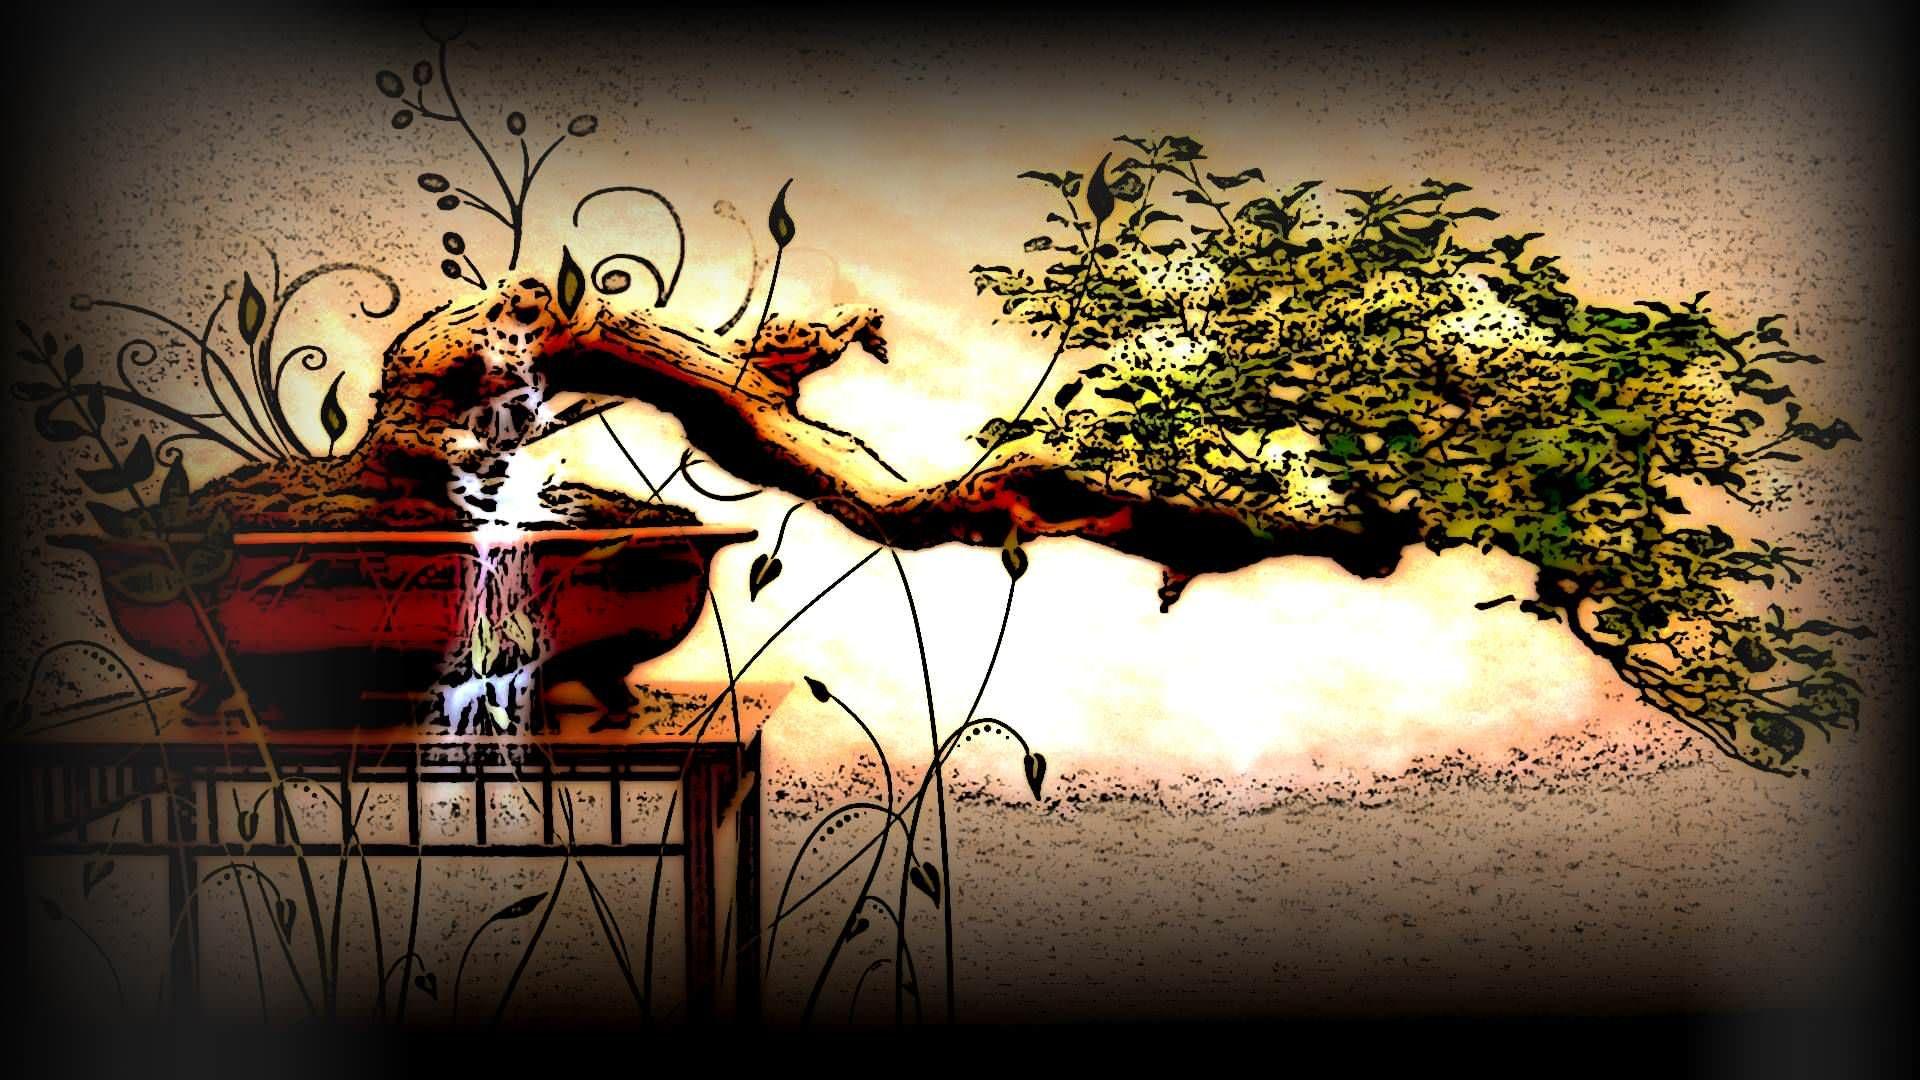 Wallpaper Bonsai Tree Wallpapers Desktop Hd 19201080 Bonsai Art Bonsai Art Wallpaper